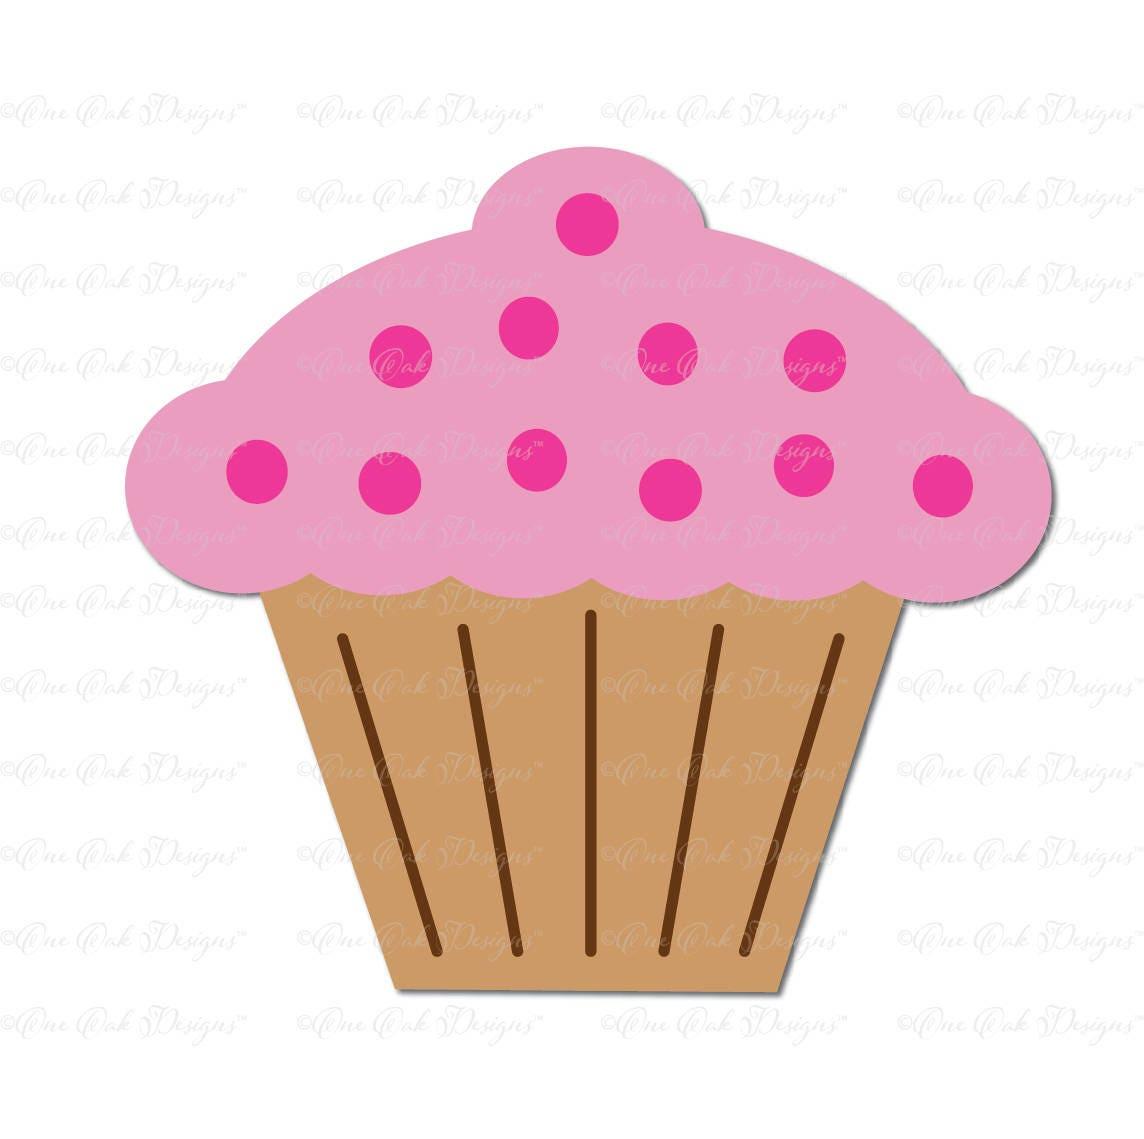 Kuchen svg datei dxf pdf jpg png svg datei f r for Kuchen sofort lieferbar